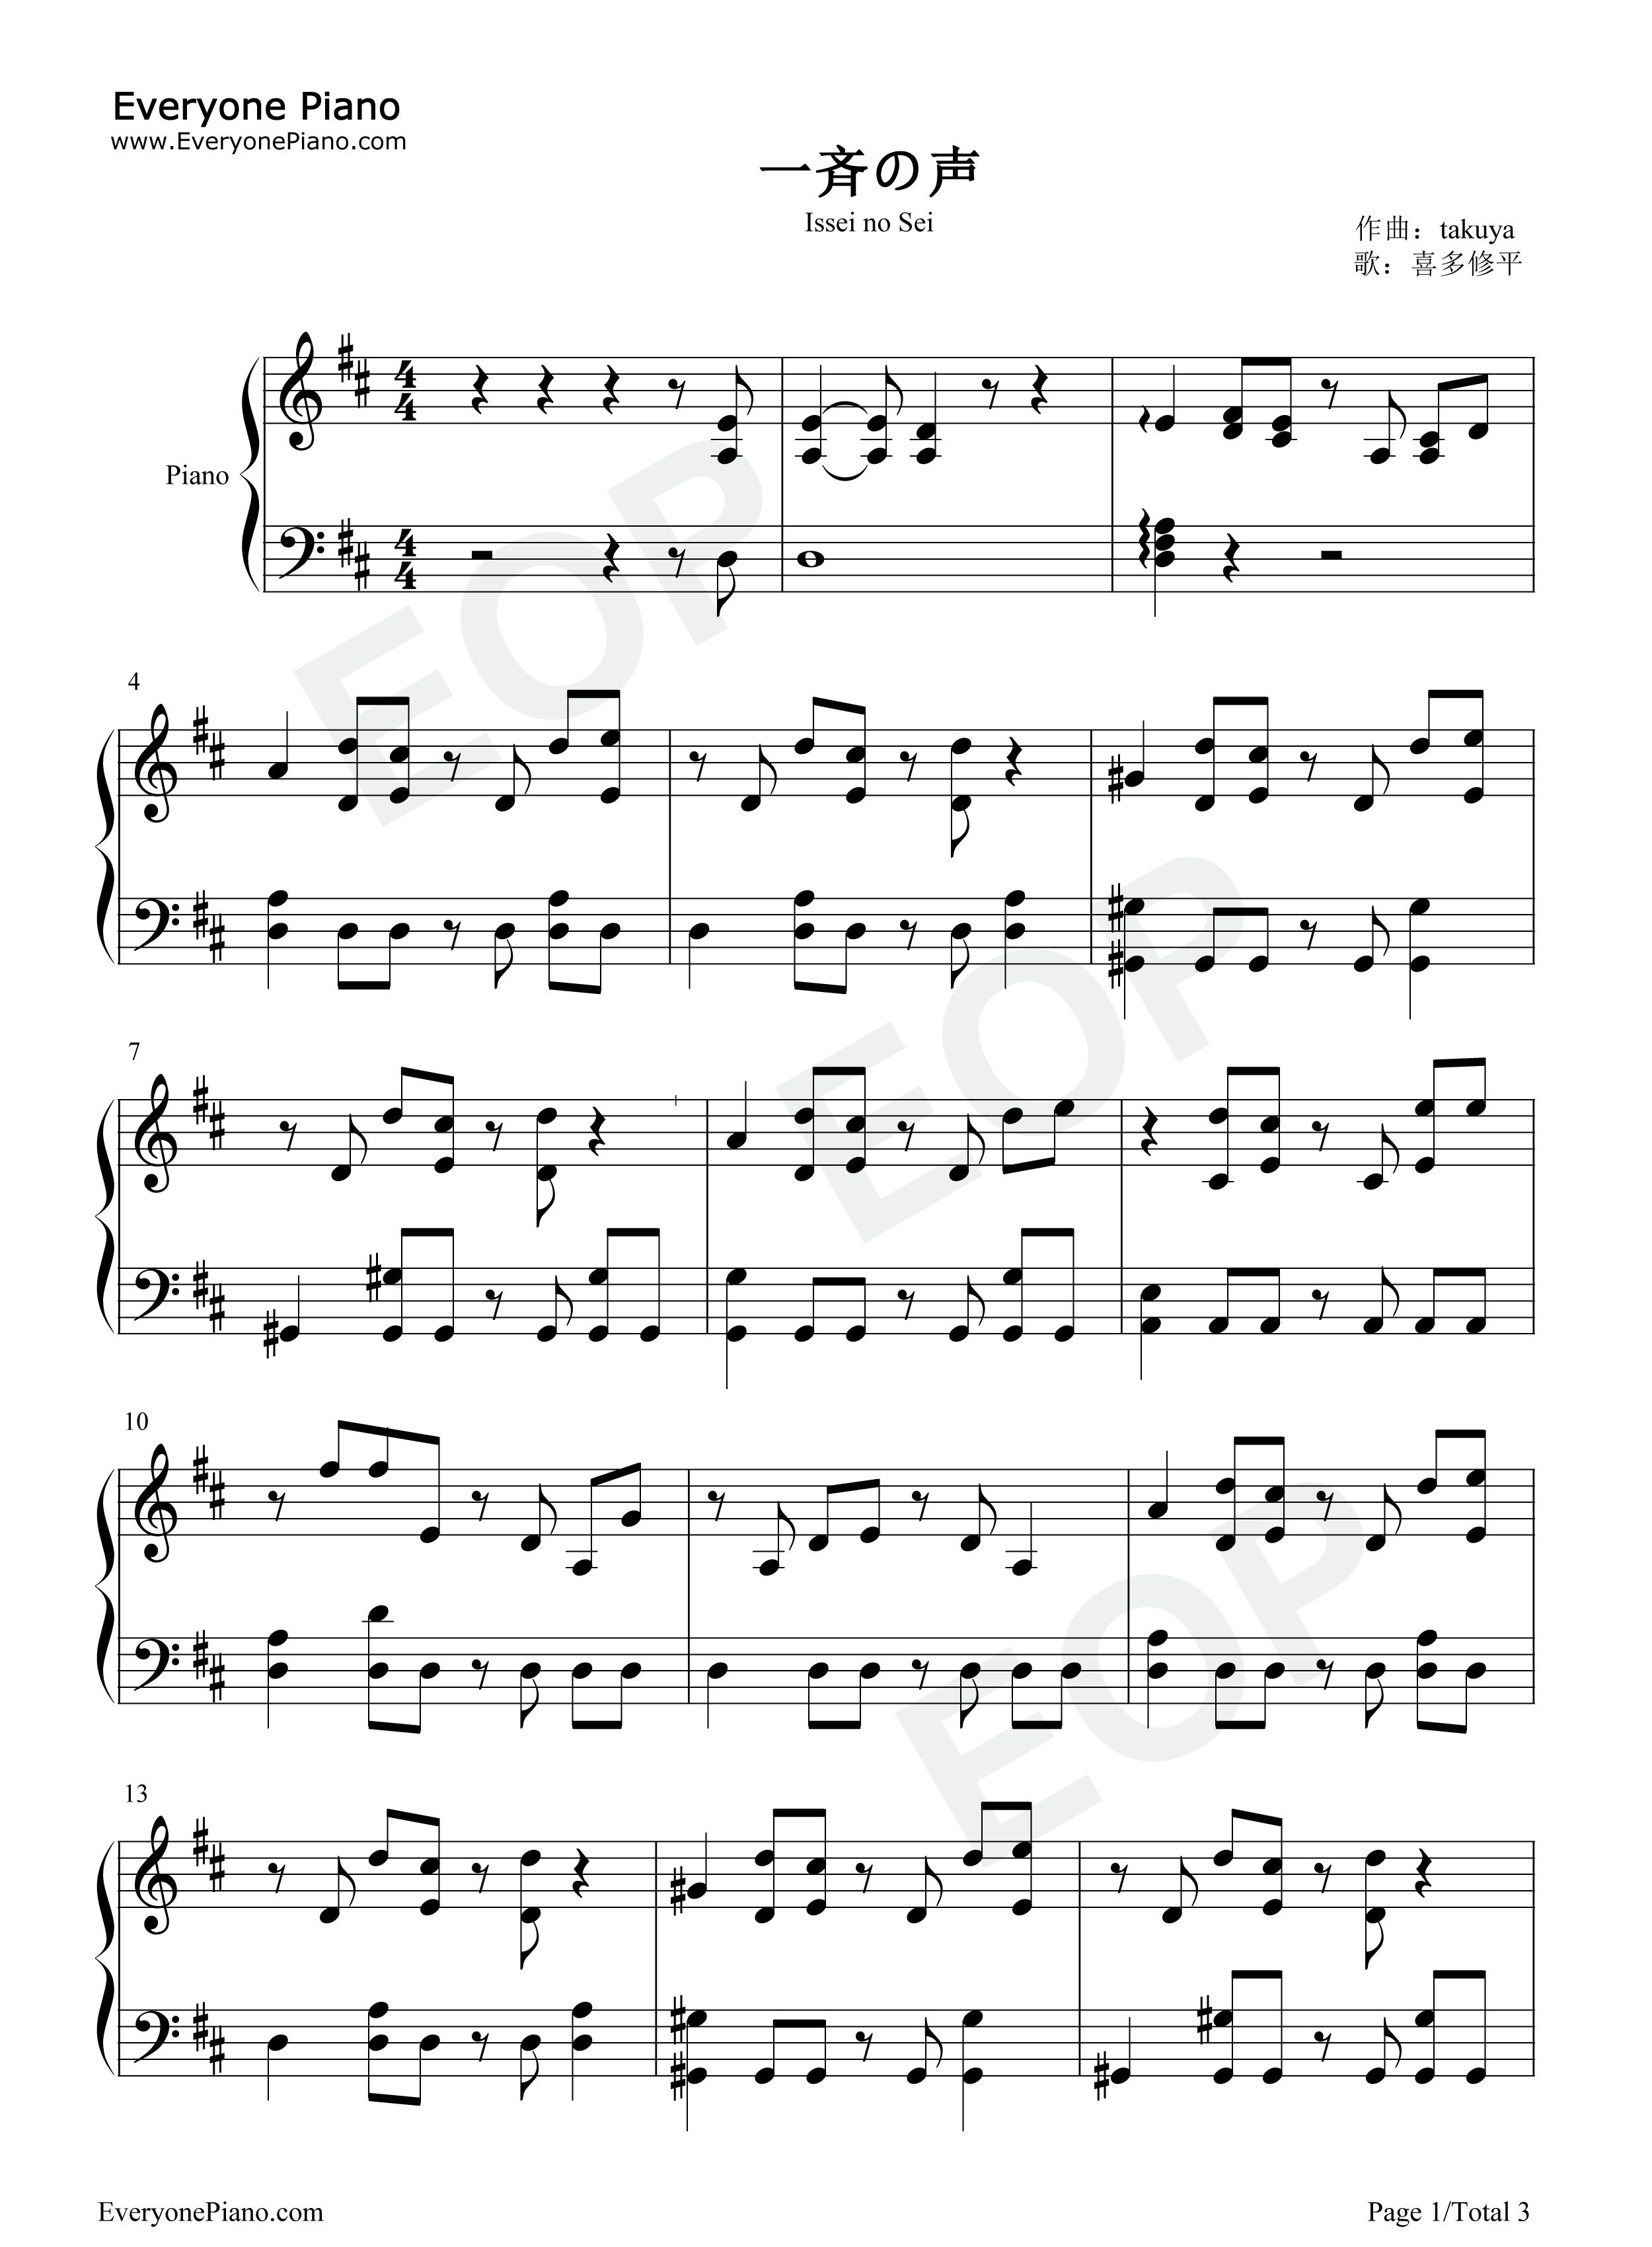 一斉の声-夏目友人帳OP五線譜プレビュー